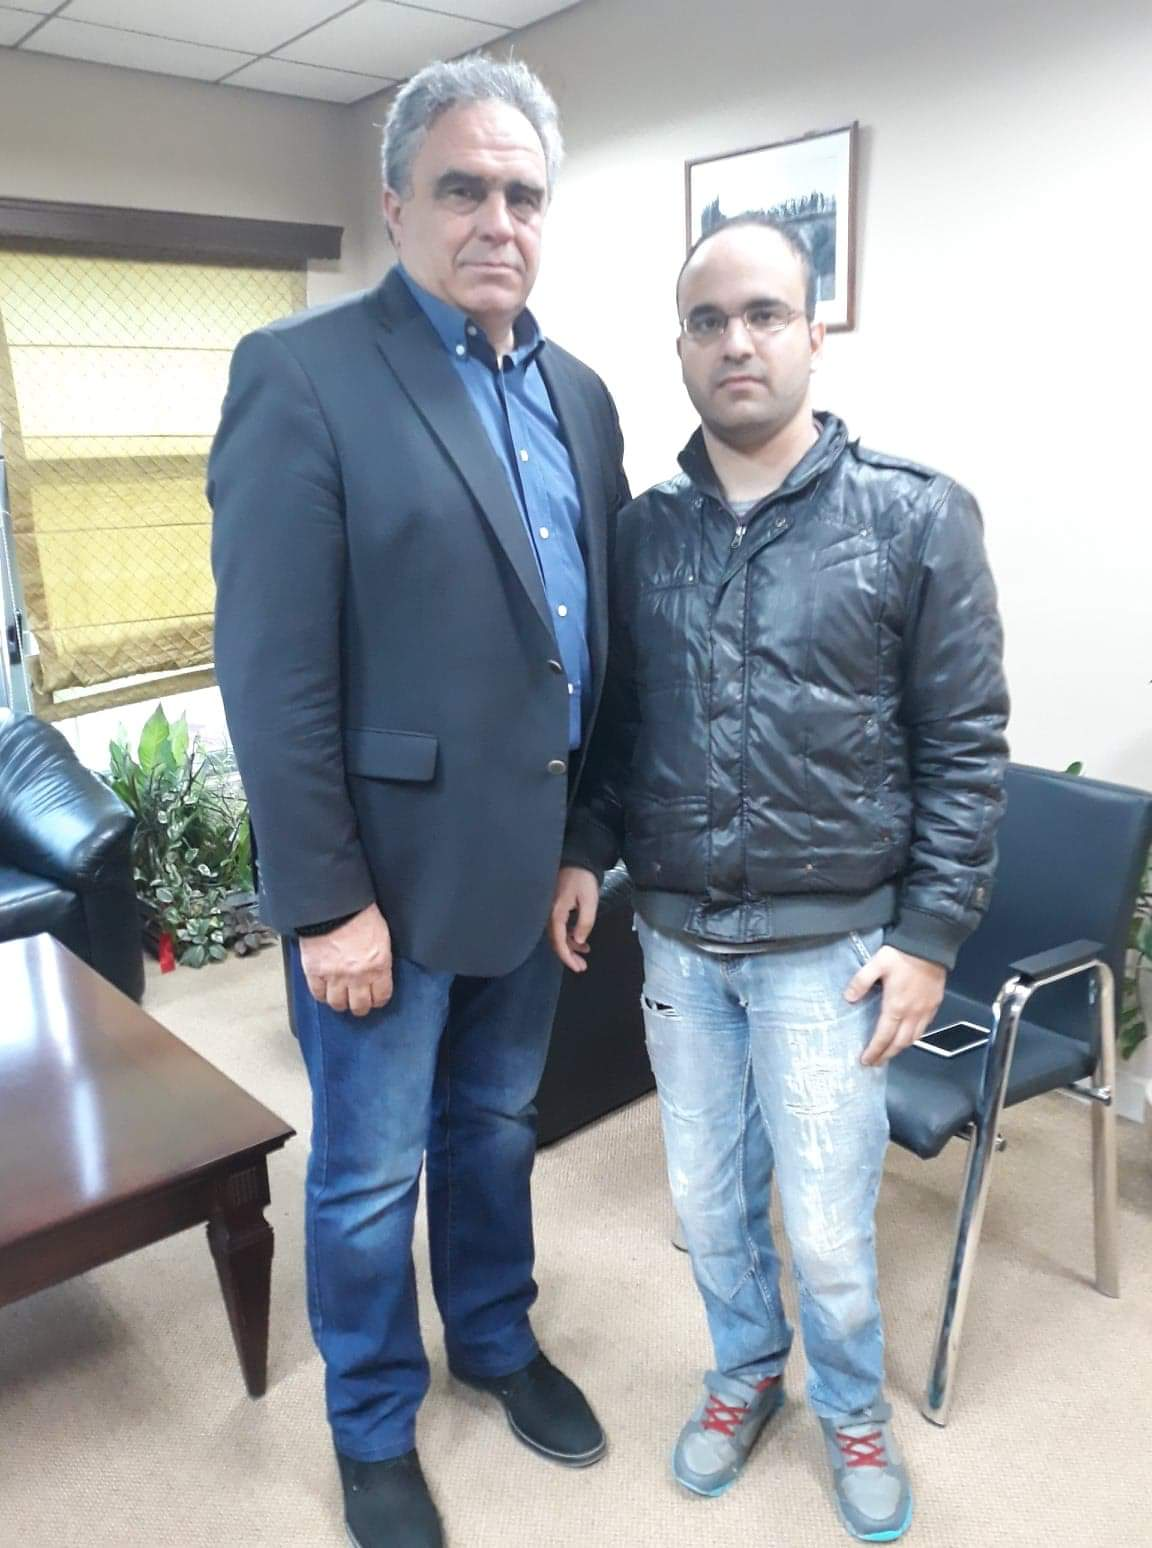 Ο Σπύρος Κιαπέκος Υποψήφιος Δημοτικός σύμβουλος με τον συνδυασμό του Γιώργου Ψαθά received 2276403849282601